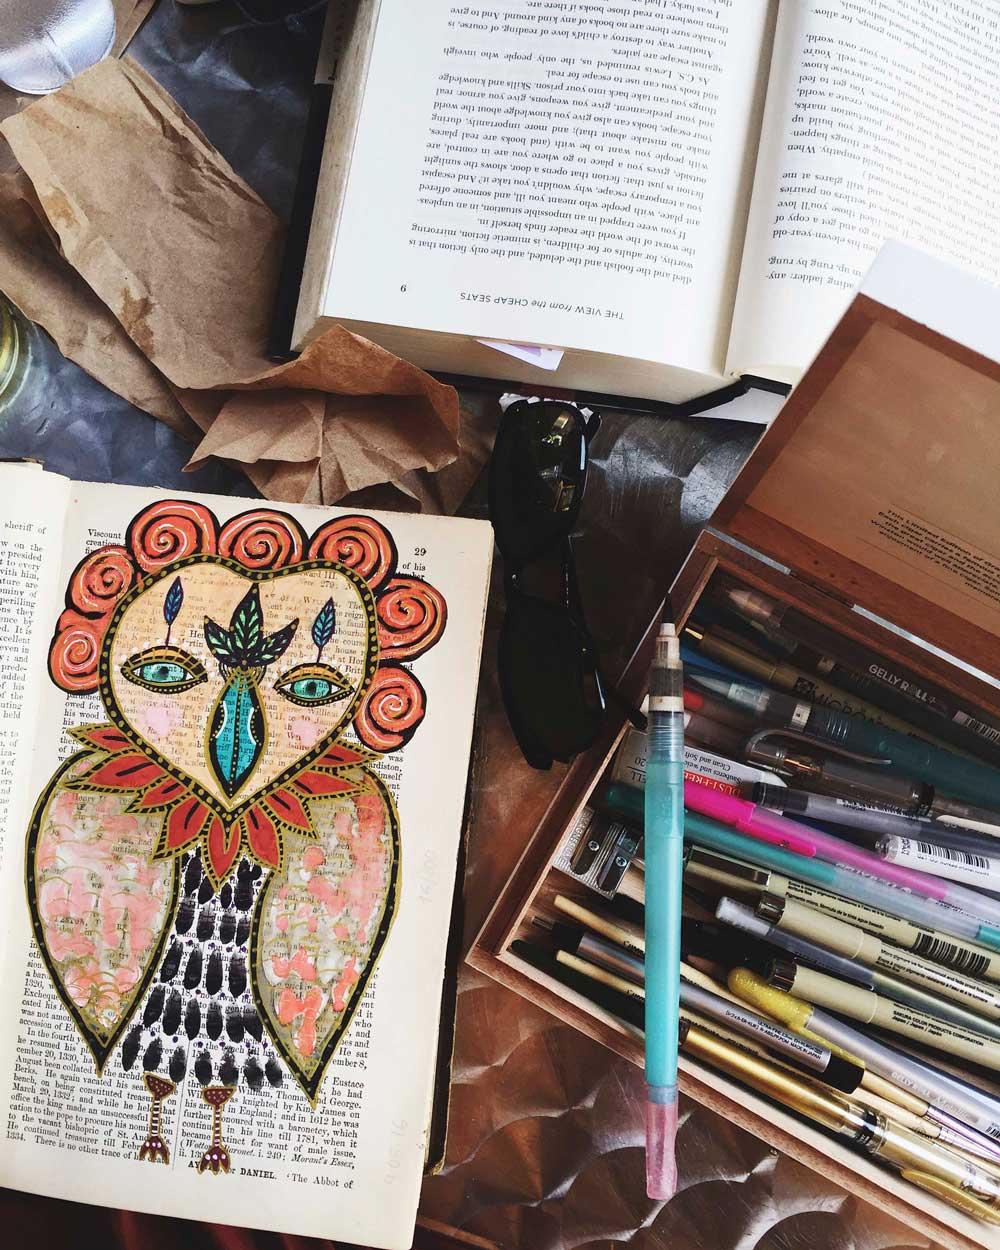 weekend-in-your-eyes-book-page-painting-eve-devore-16.jpg